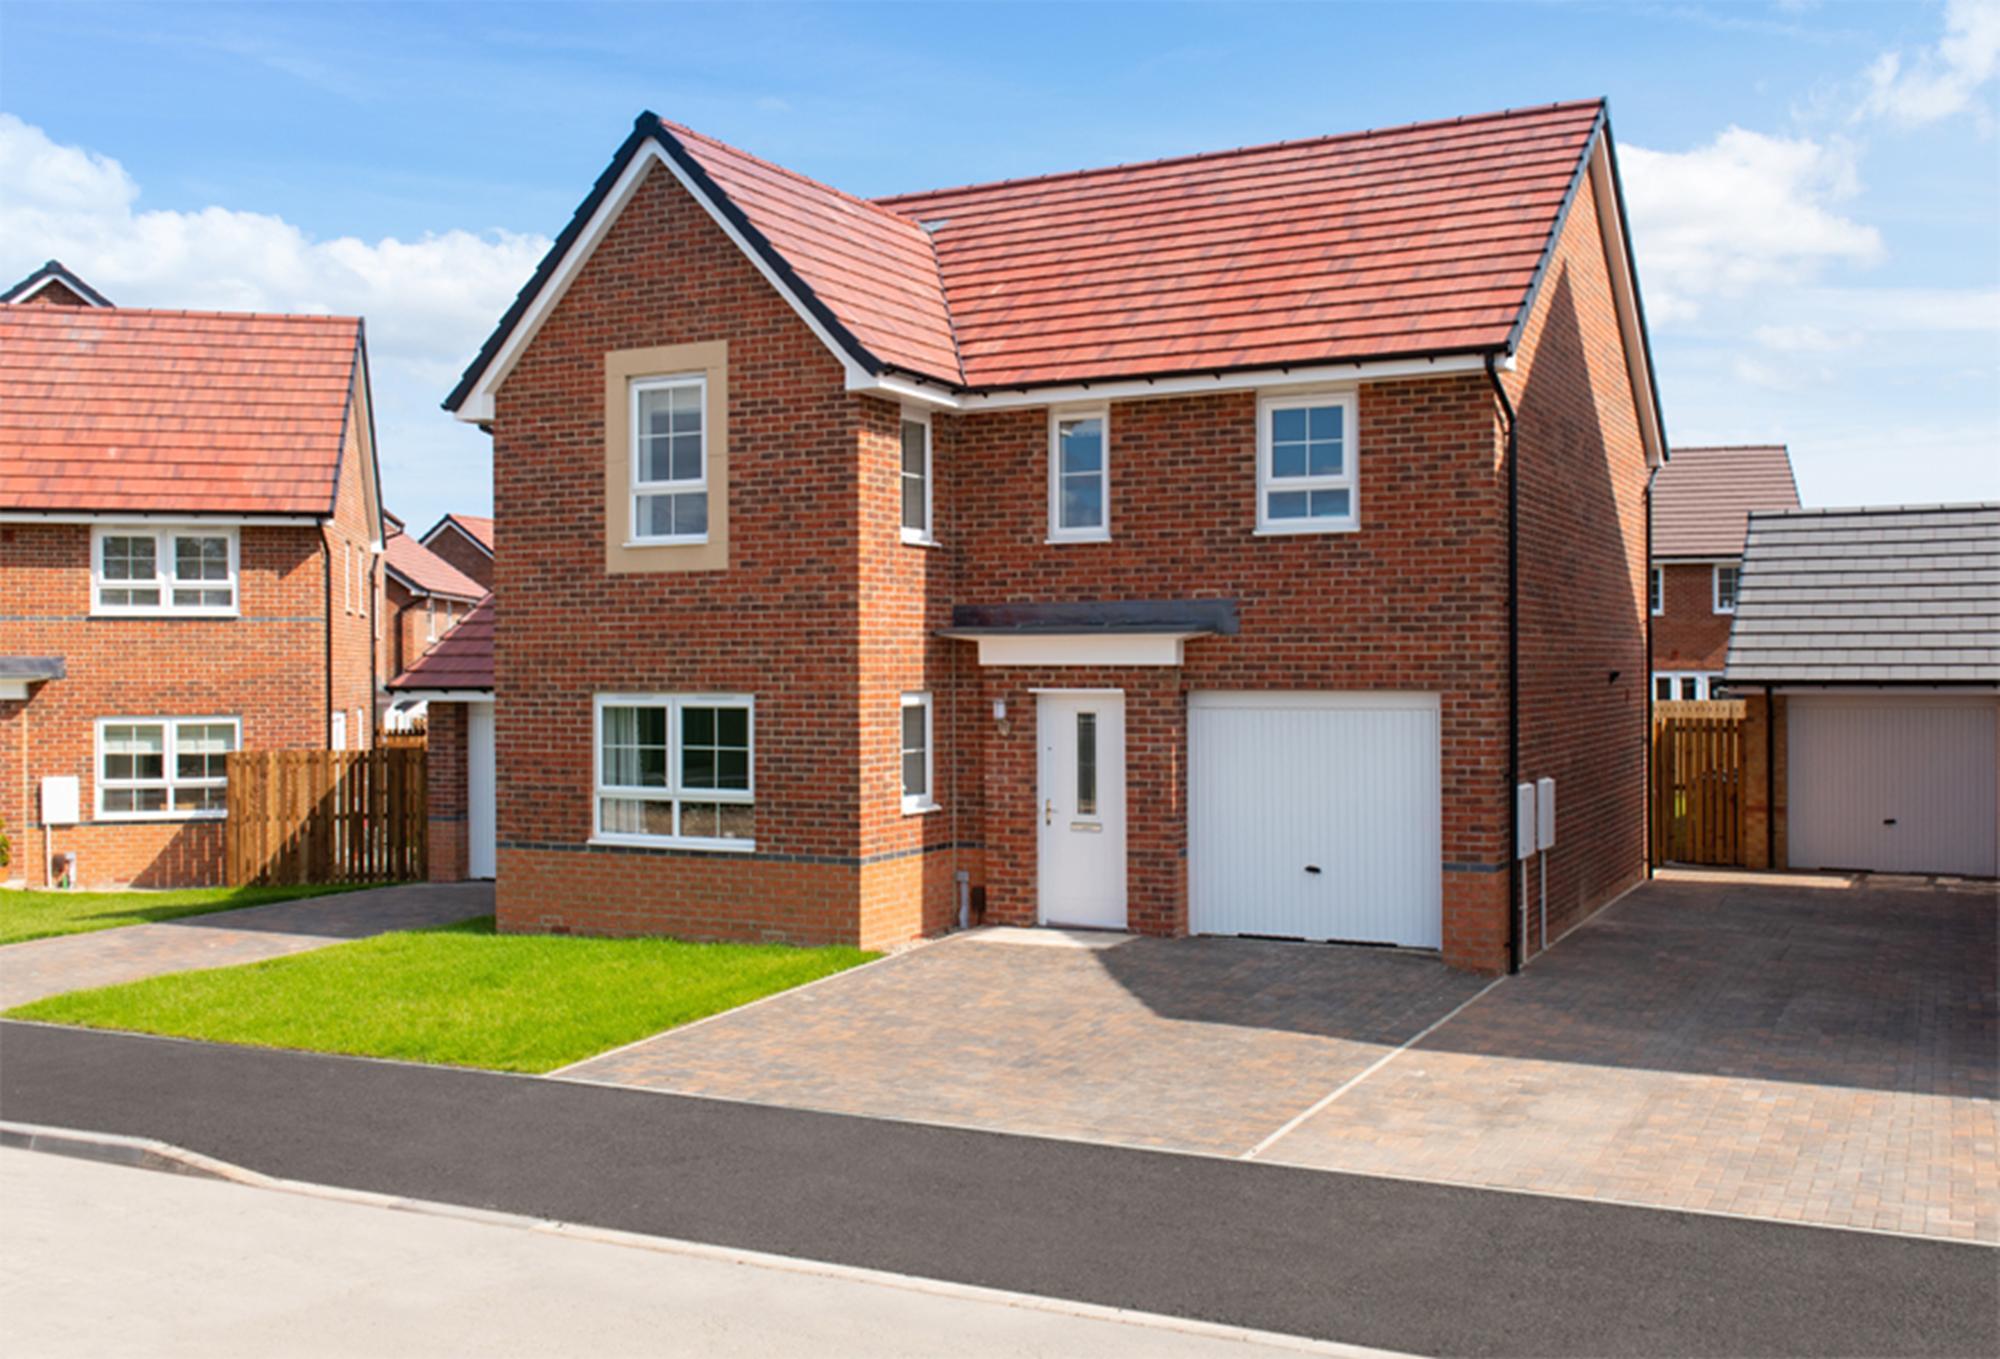 New Build Homes at Halton in in HEBBURN